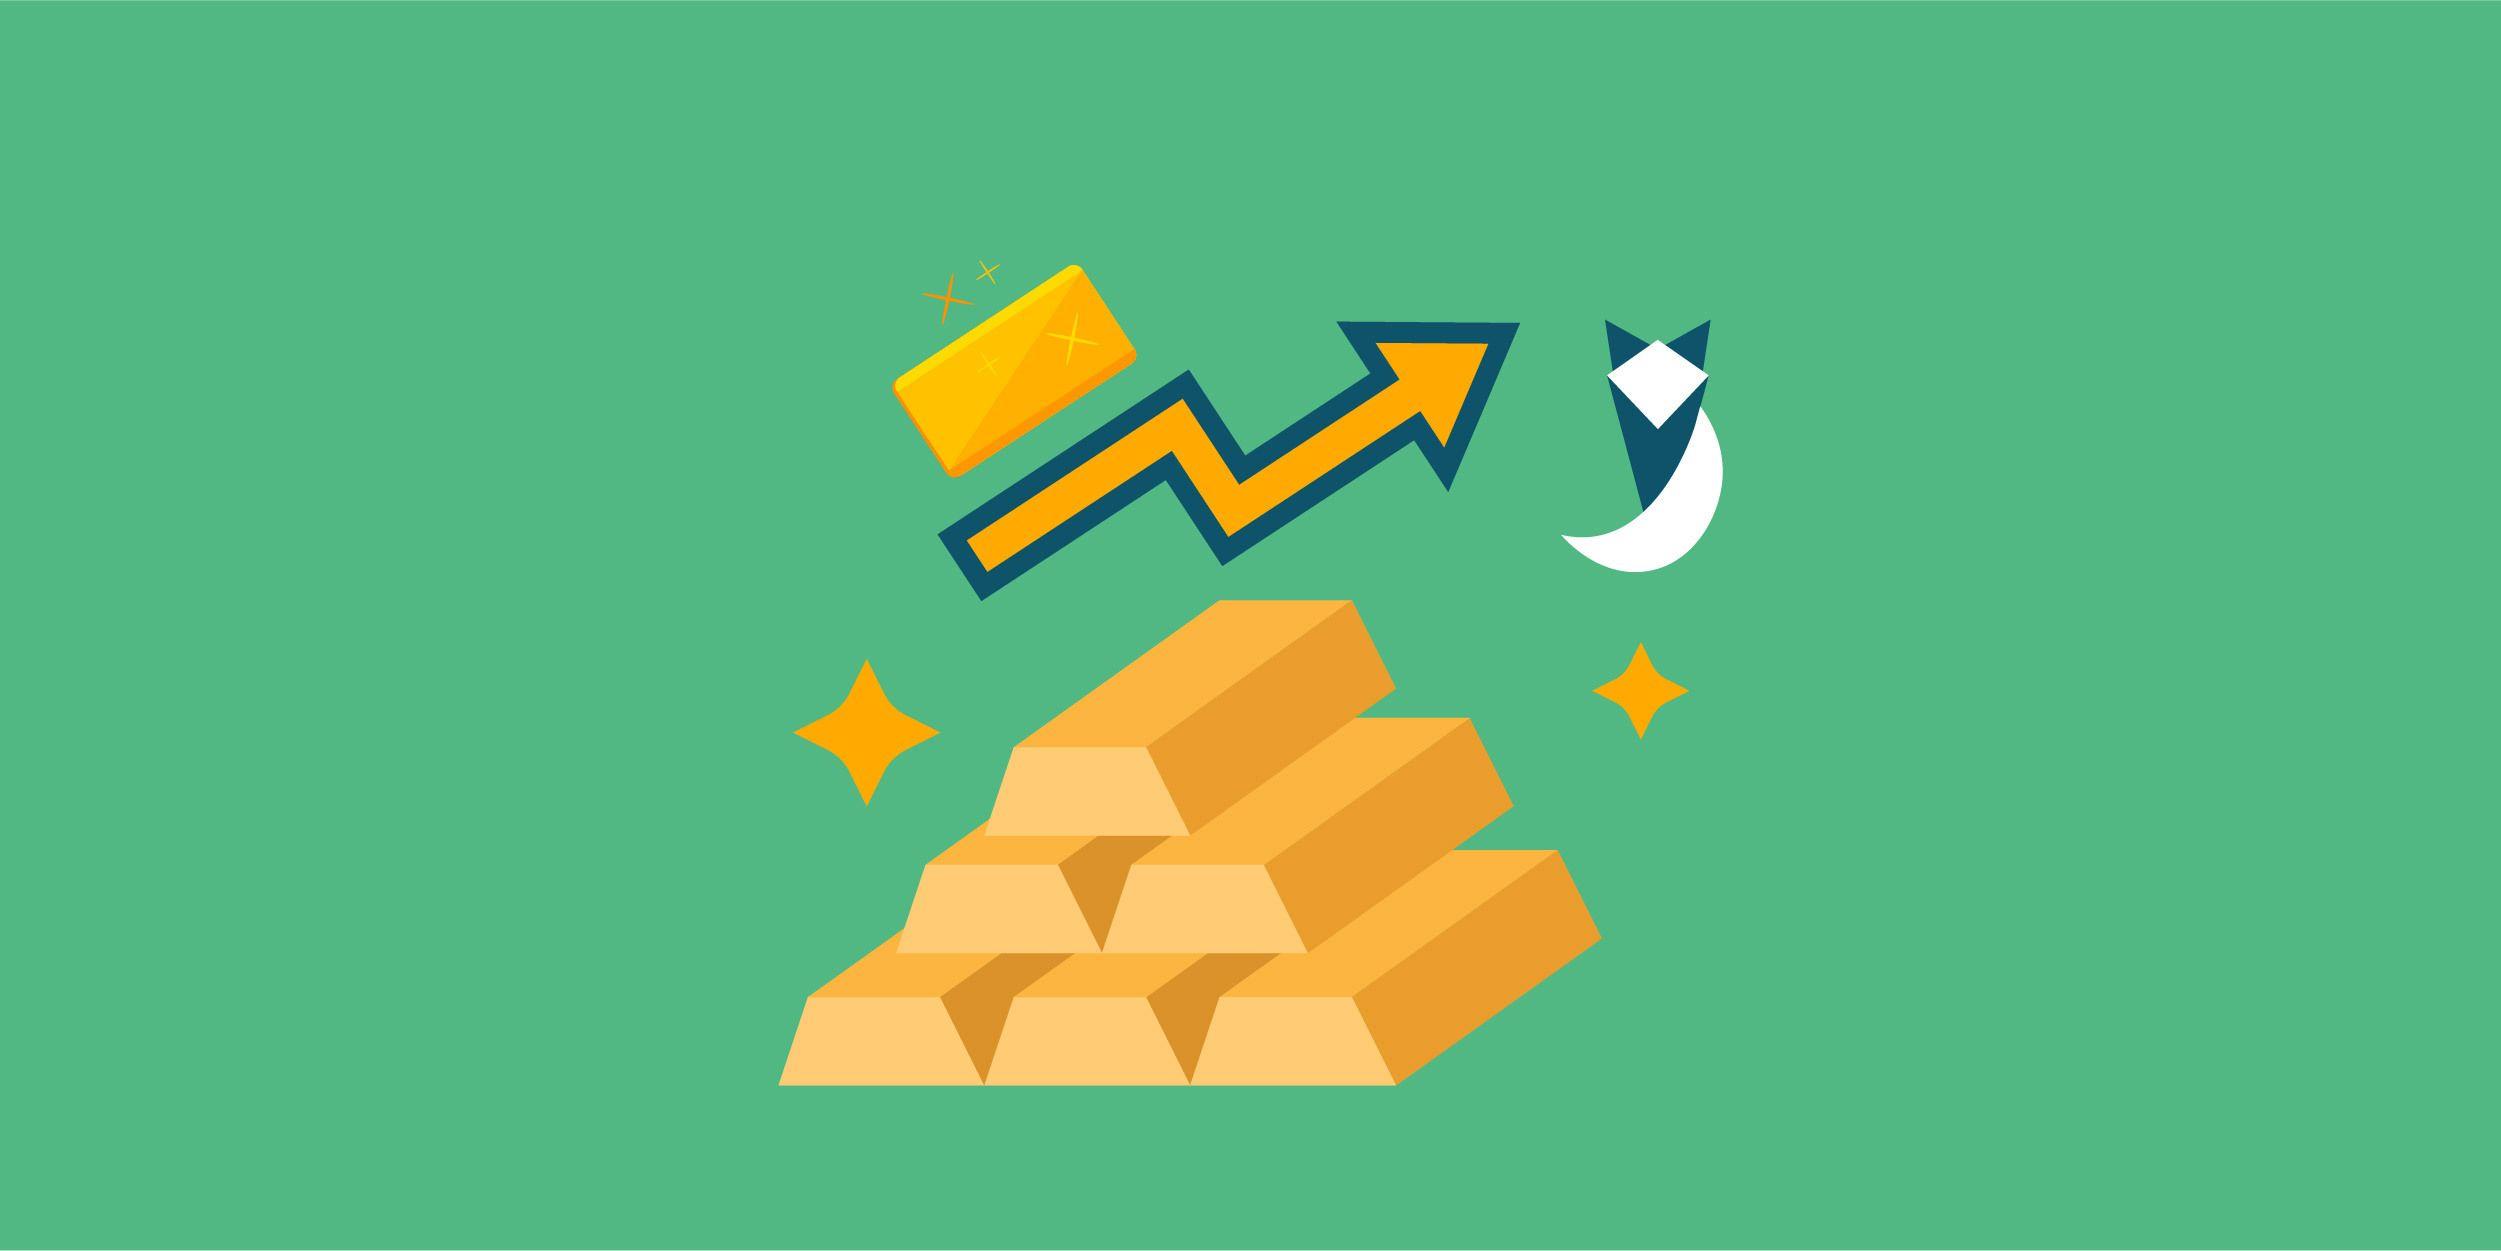 اعرف أسعار الدهب في مصر اليوم : الأحد 18 أبريل 2021